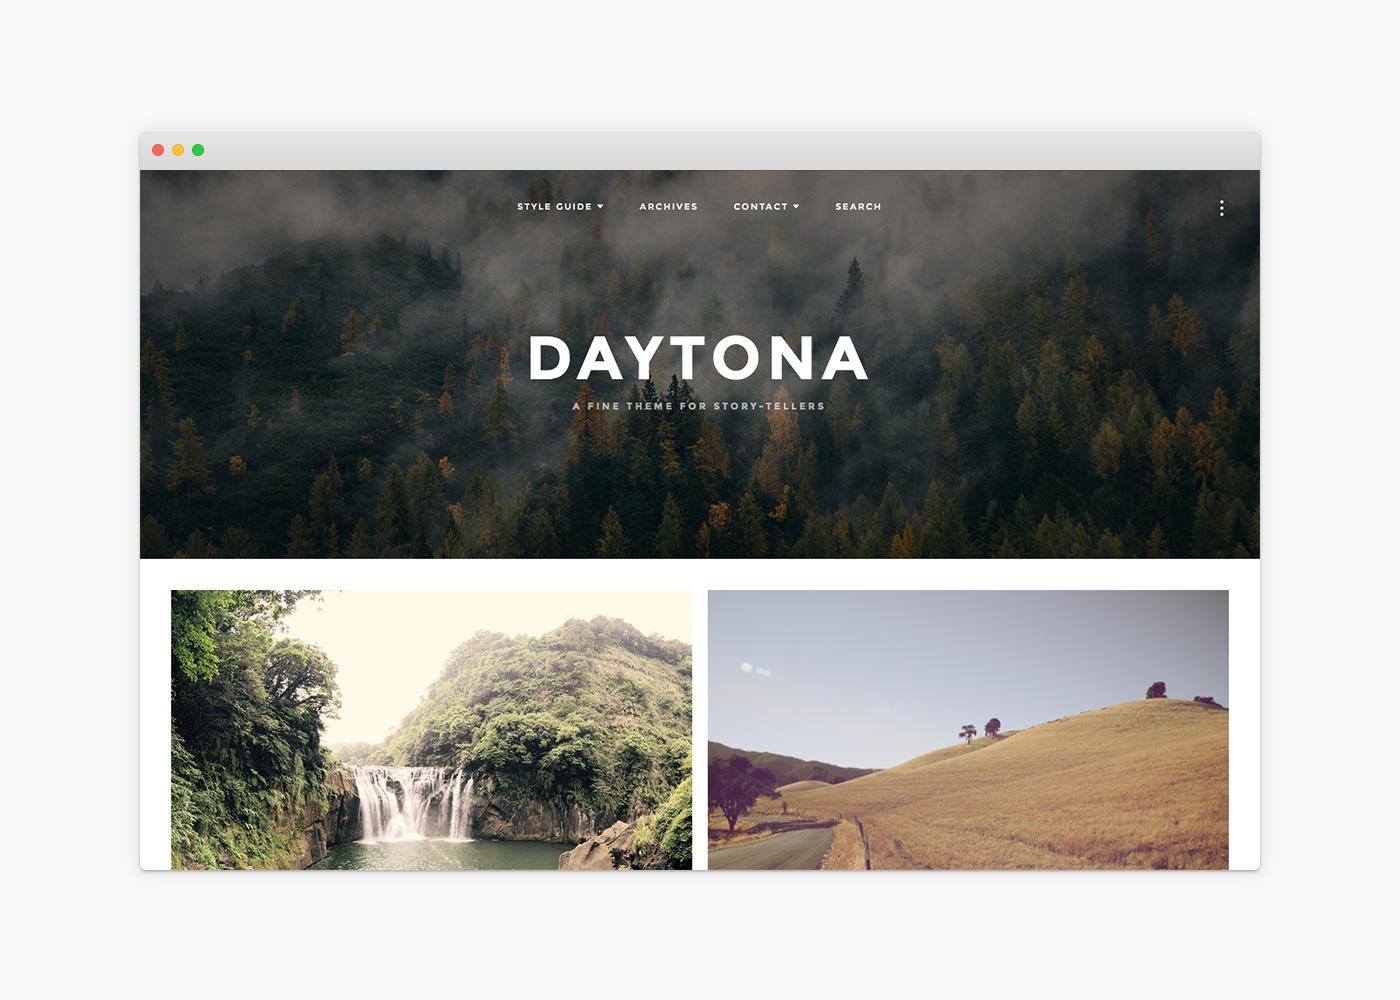 daytona-01